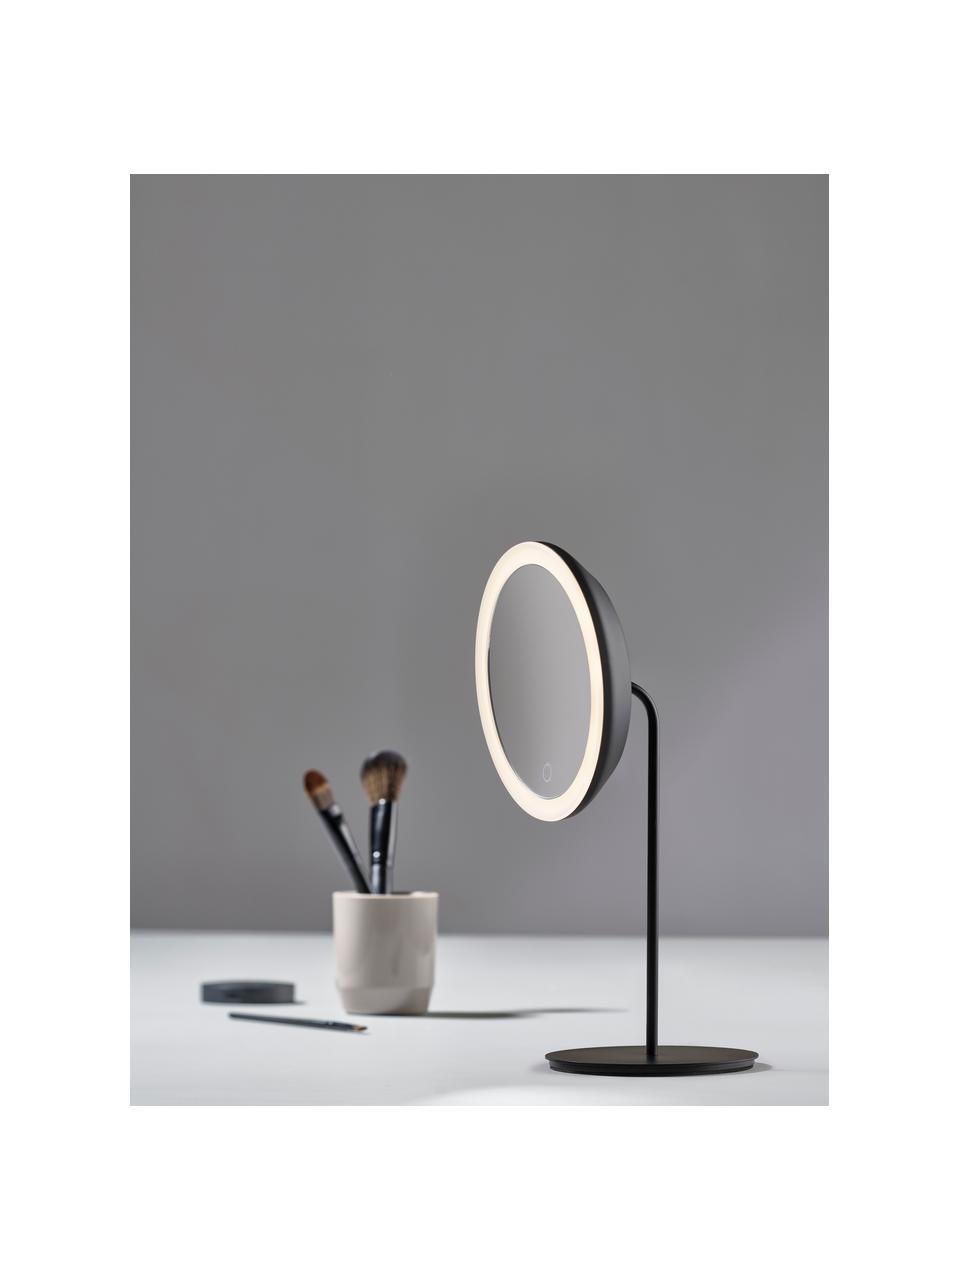 Runder Kosmetikspiegel Maguna mit Vergrößerung und Beleuchtung, Spiegelfläche: Spiegelglas, Schwarz, 18 x 34 cm